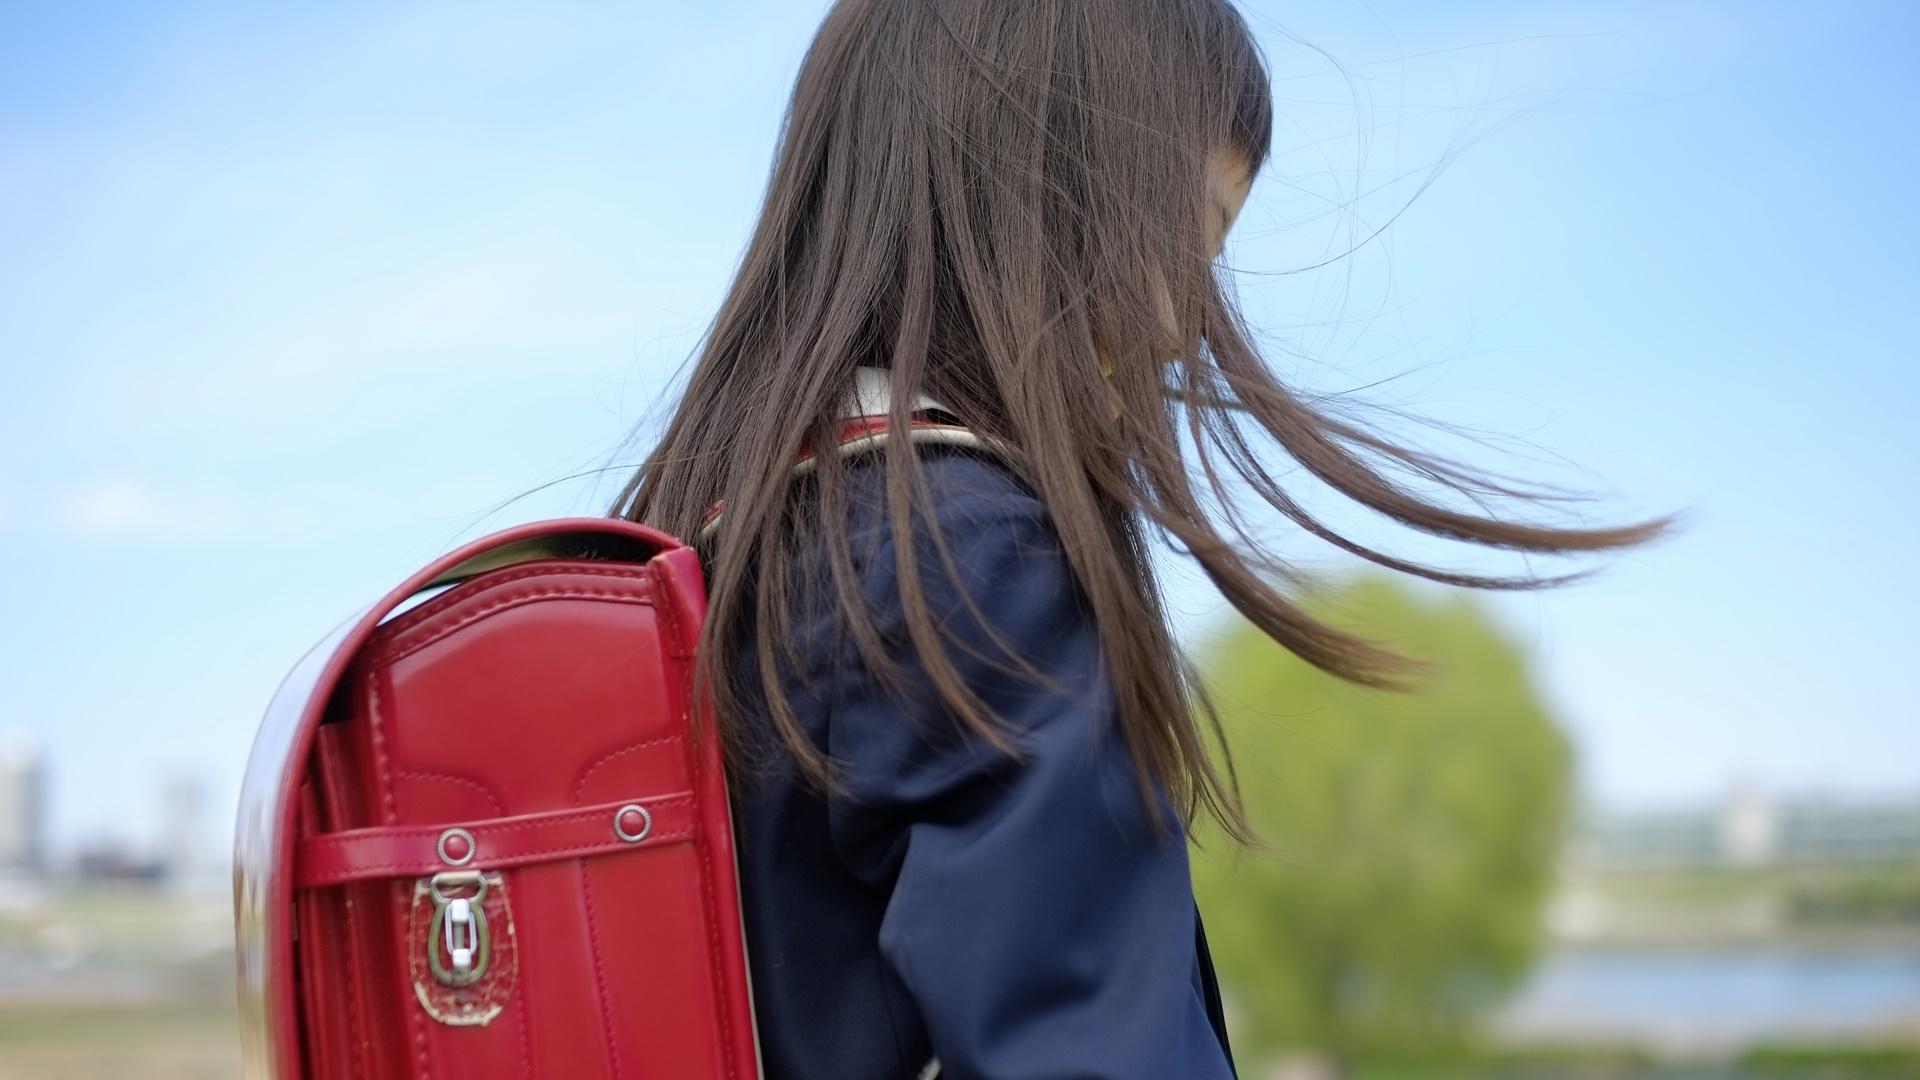 【中学受験】都立志望でもみんな私立中学は併願するの?私立のリアル